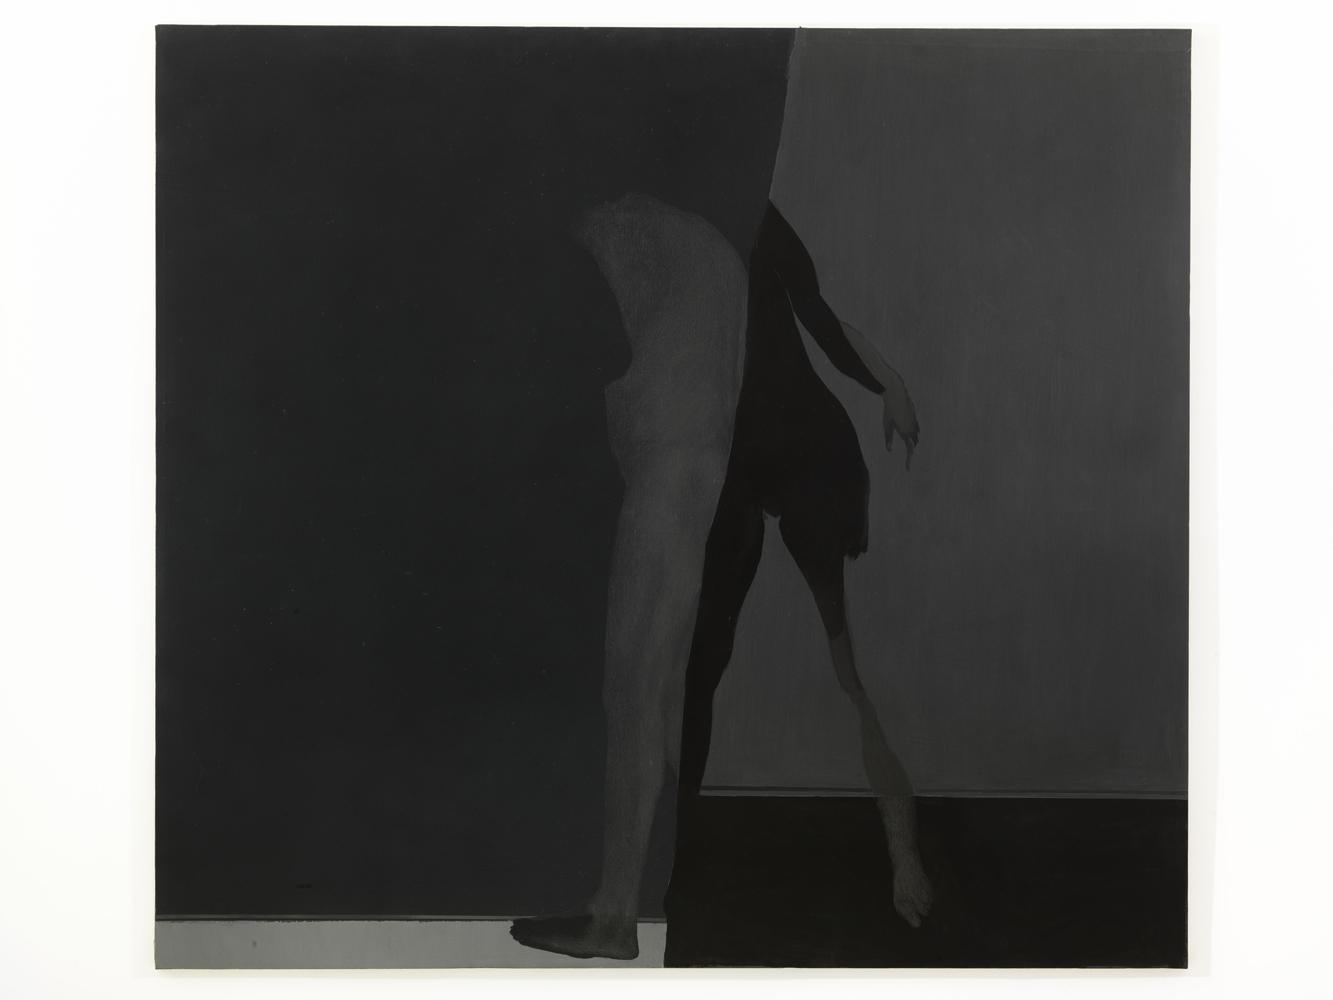 Carlo Alfano, Figura n.1 , 1984, acrilico e grafite su tela, cm 200x220